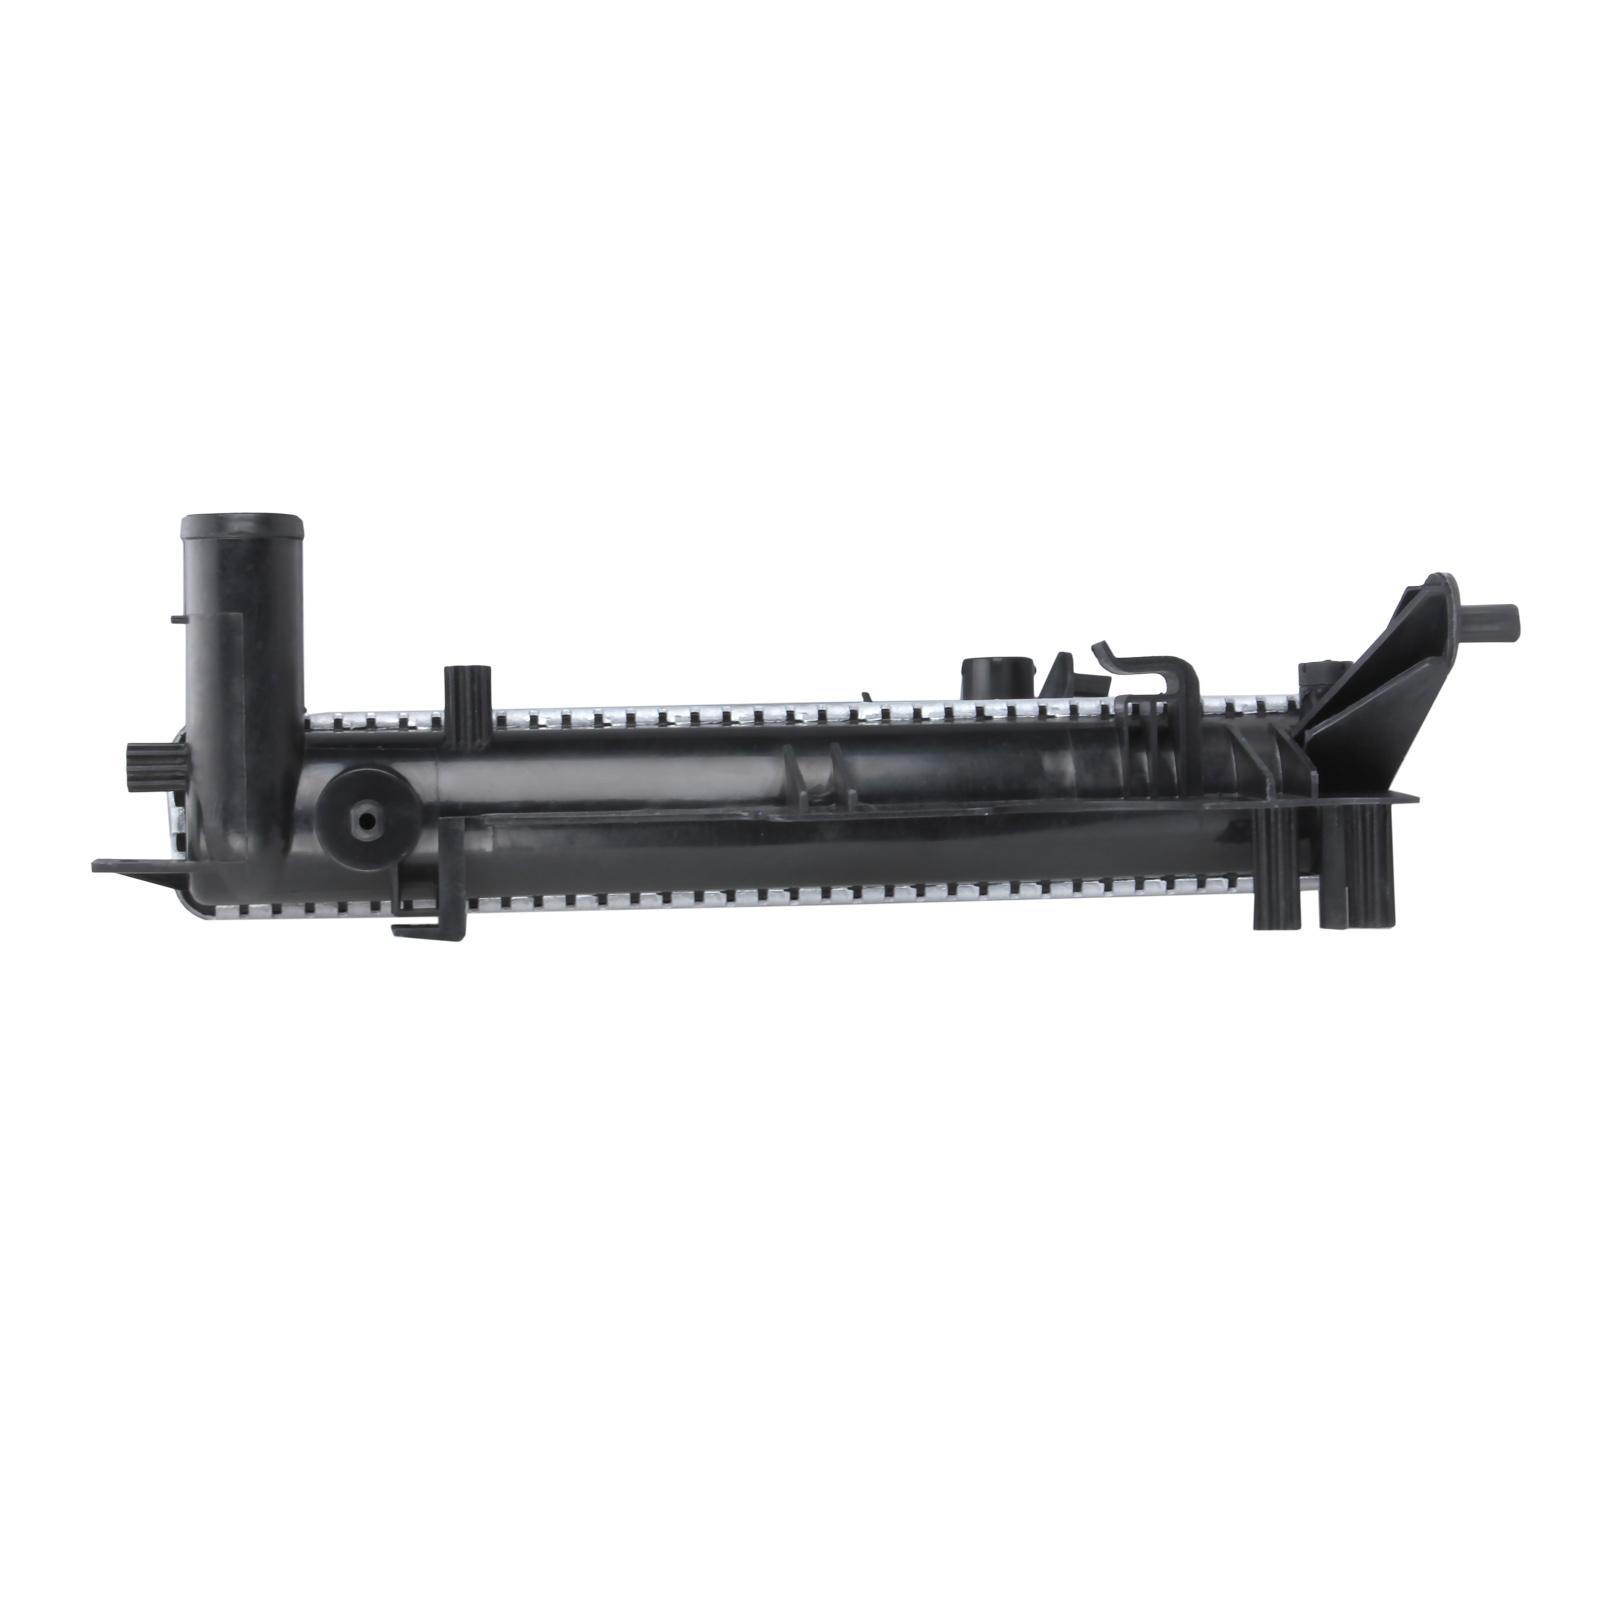 Dromedary-High Quality New 2688 Full Aluminum Radiator For Lexus Rx 330 33-202-v6-3